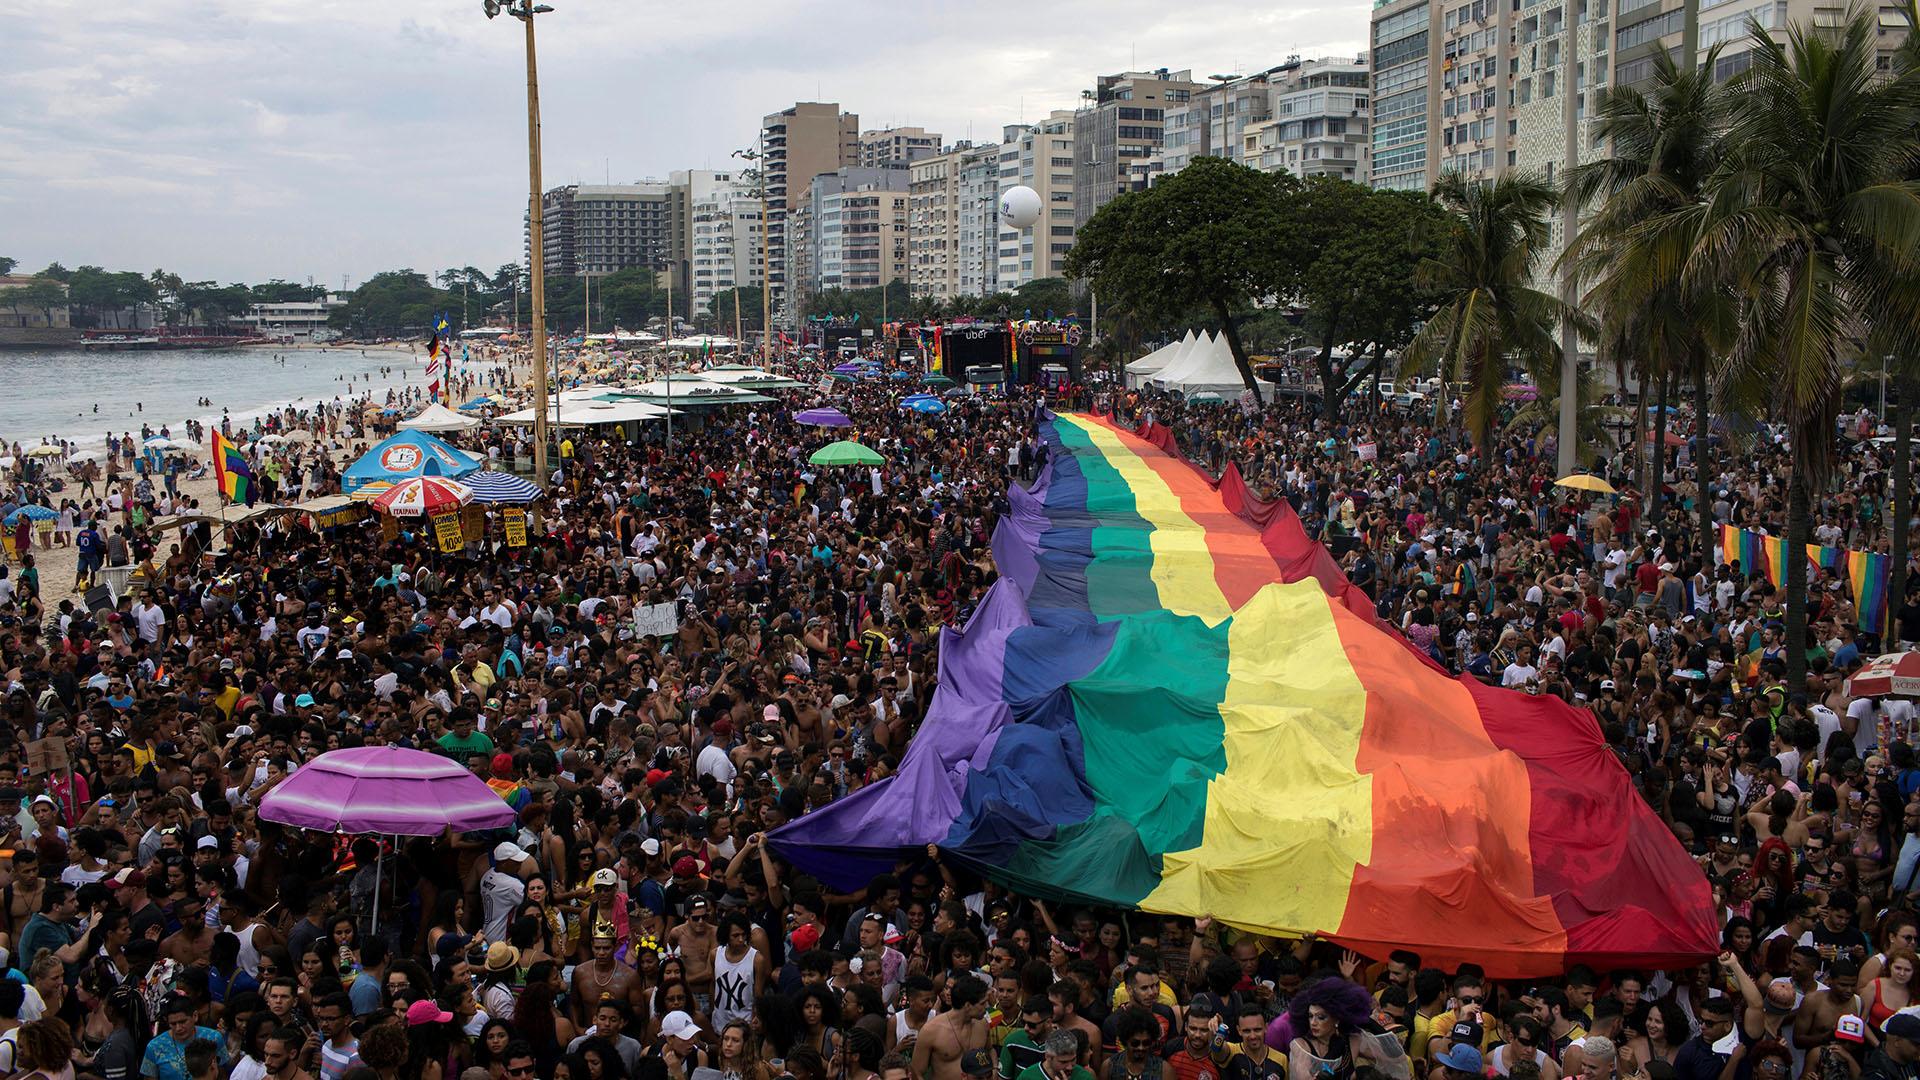 """La manifestación estuvo signada por la palabra """"resistencia"""", a la que recurrieron tanto los organizadores como los políticos que adhirieron a esta reivindicación callejera de la diversidad"""